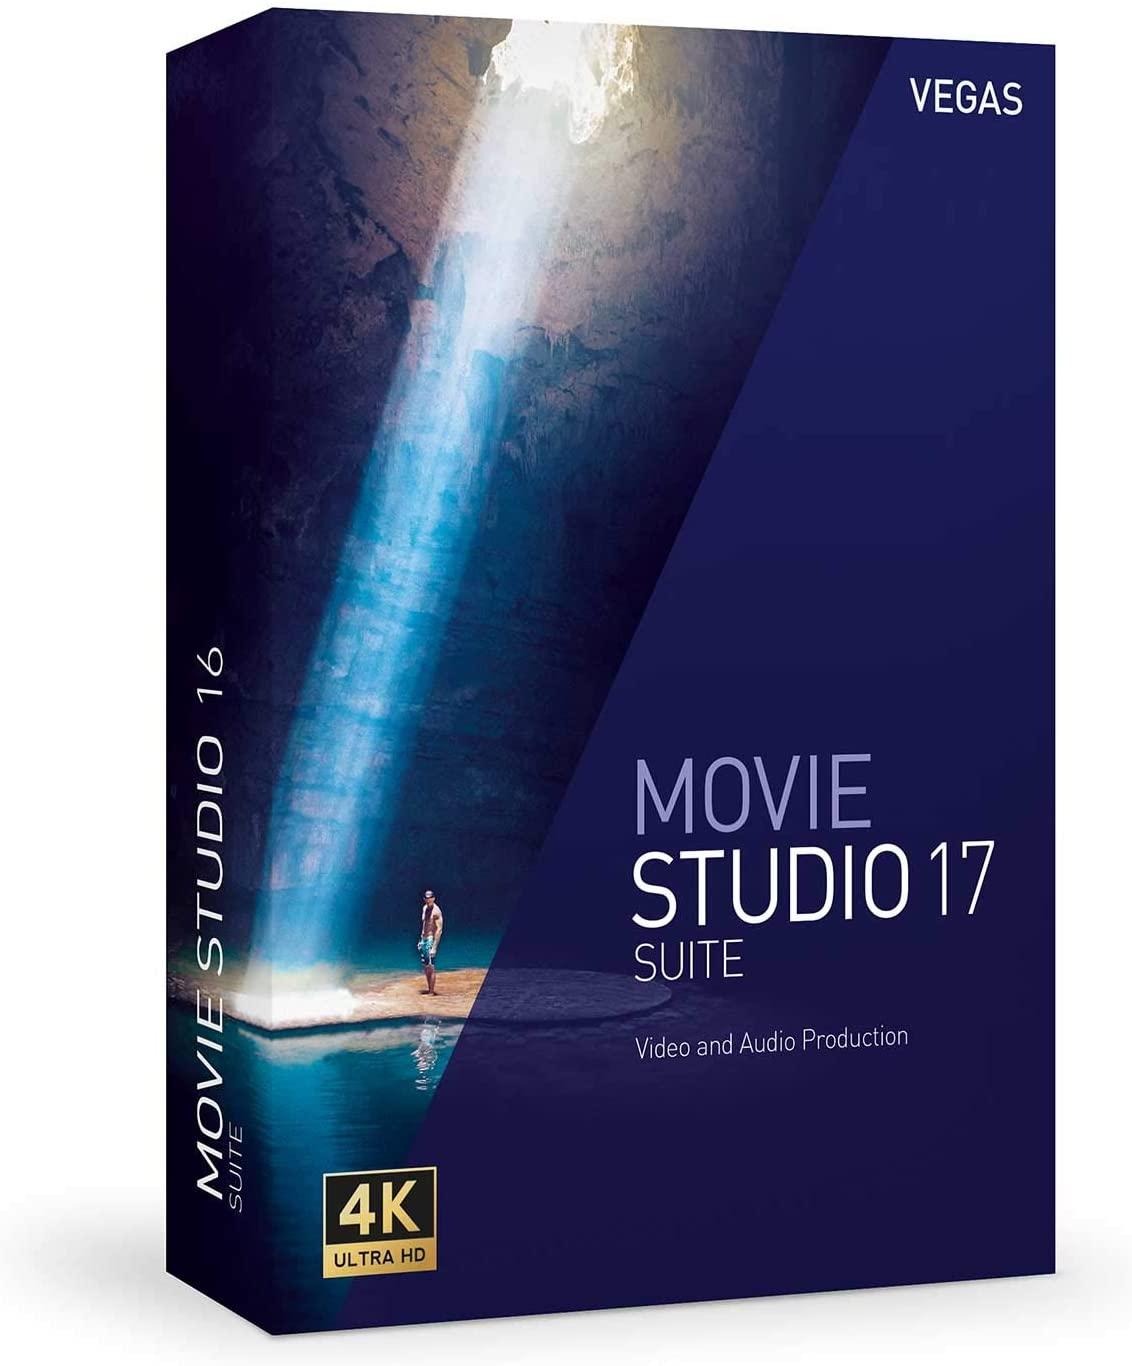 VEGAS-Movie-Studio-17-Suite